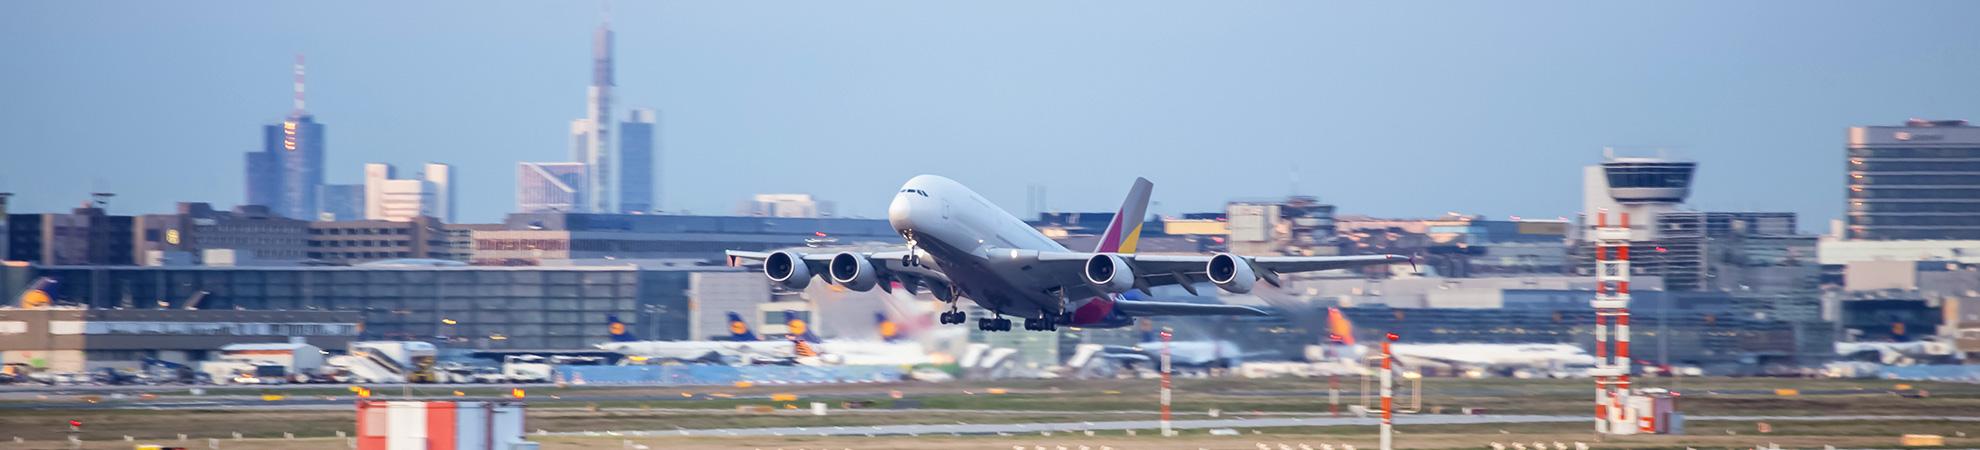 Conseils pratiques pour améliorer son expérience à l'aéroport en Inde